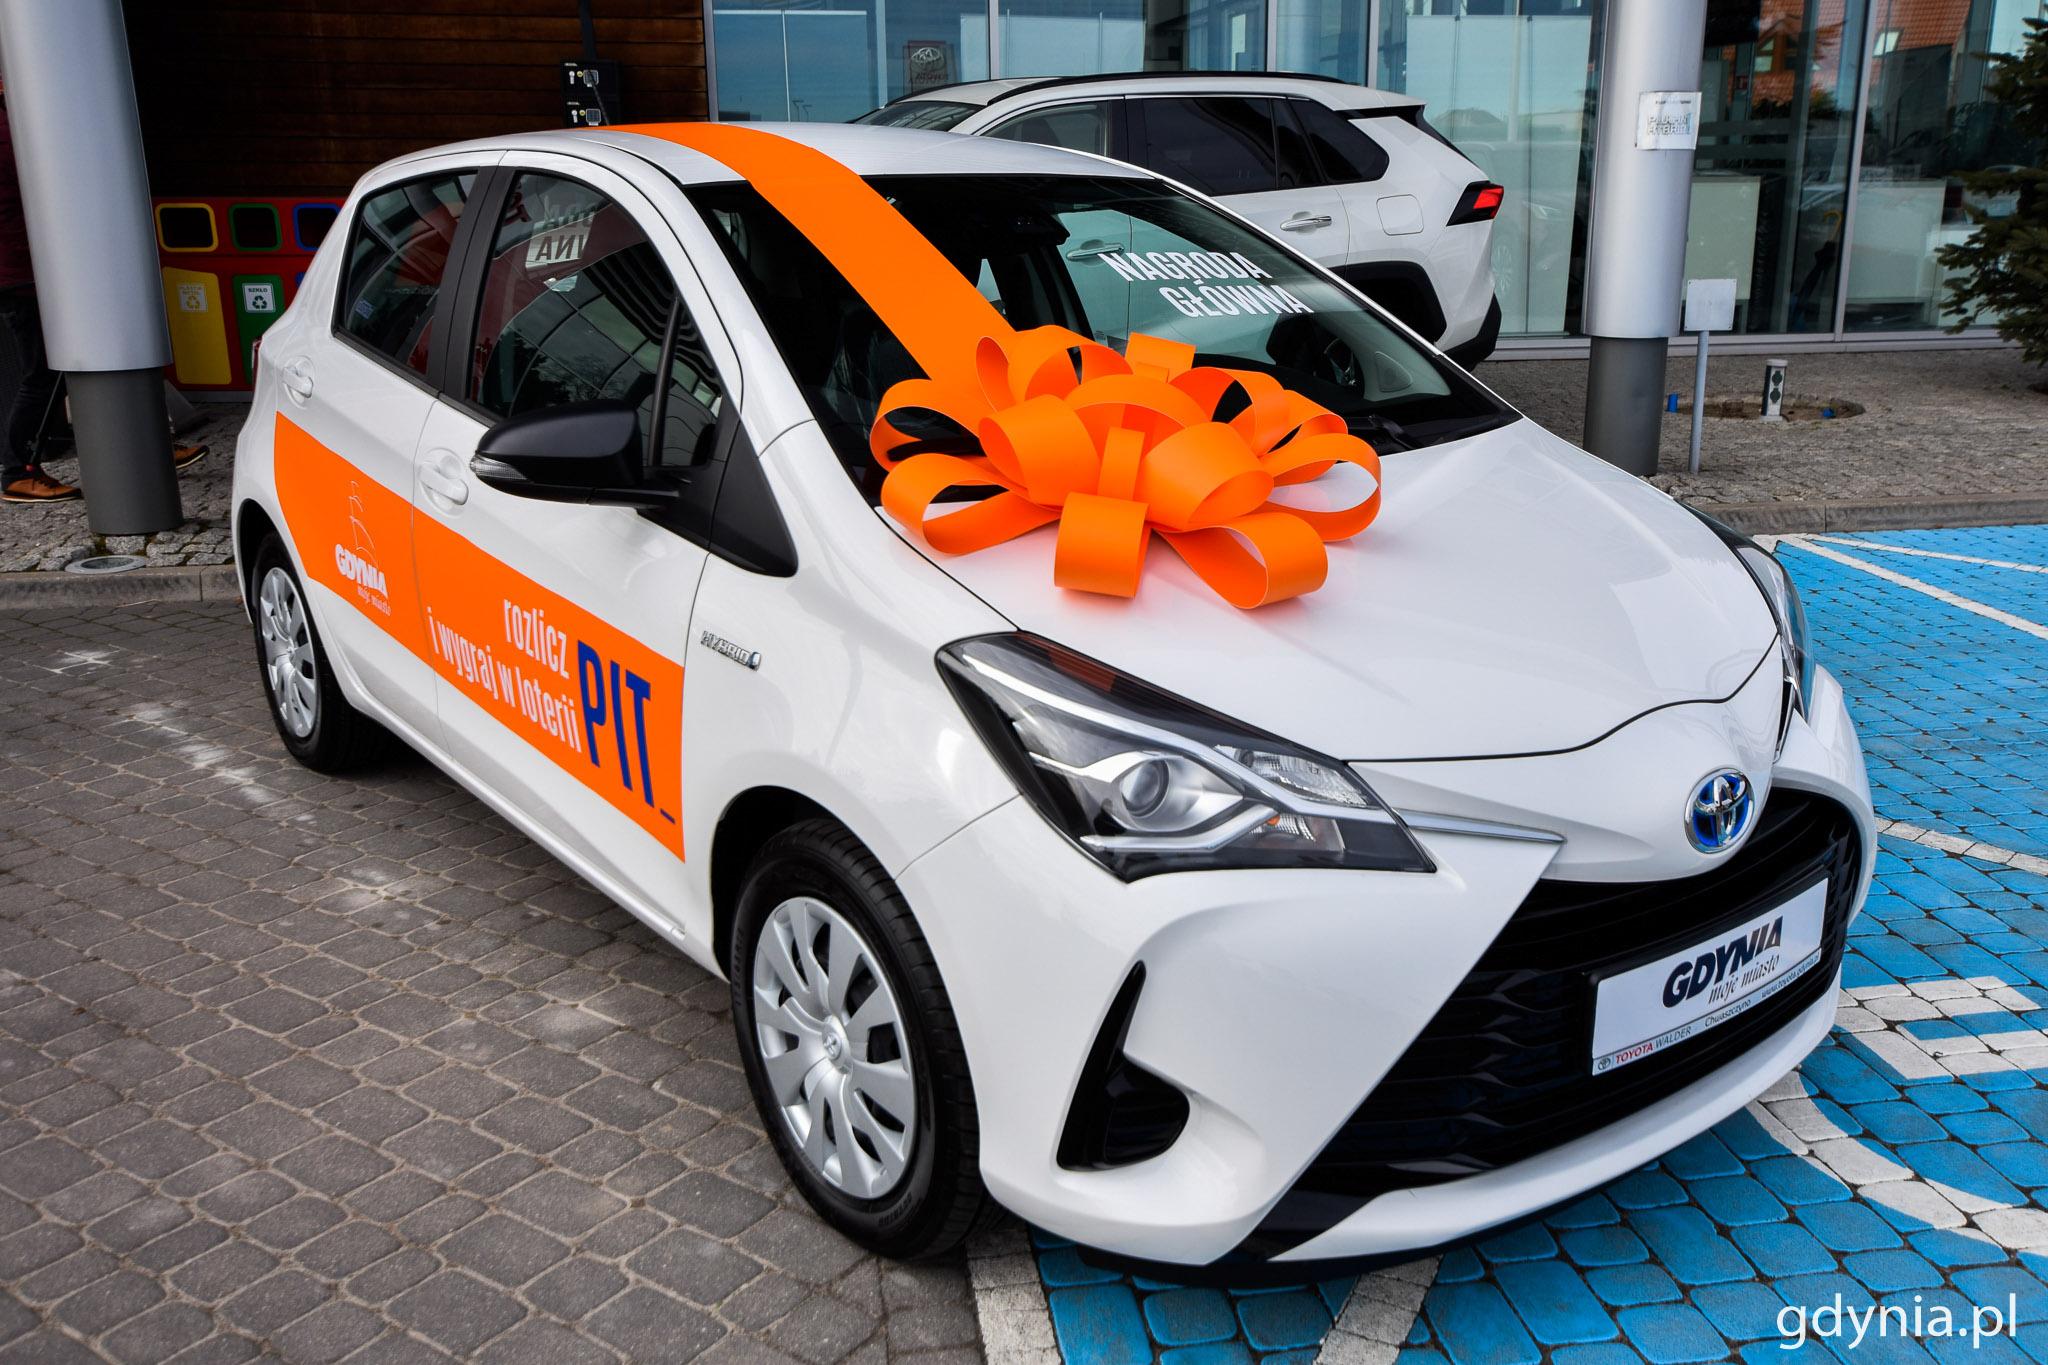 Hybrydowa Toyota Yaris jest główną nagrodą w loterii Rozlicz PIT w Gdyni // fot. Paweł Kukla